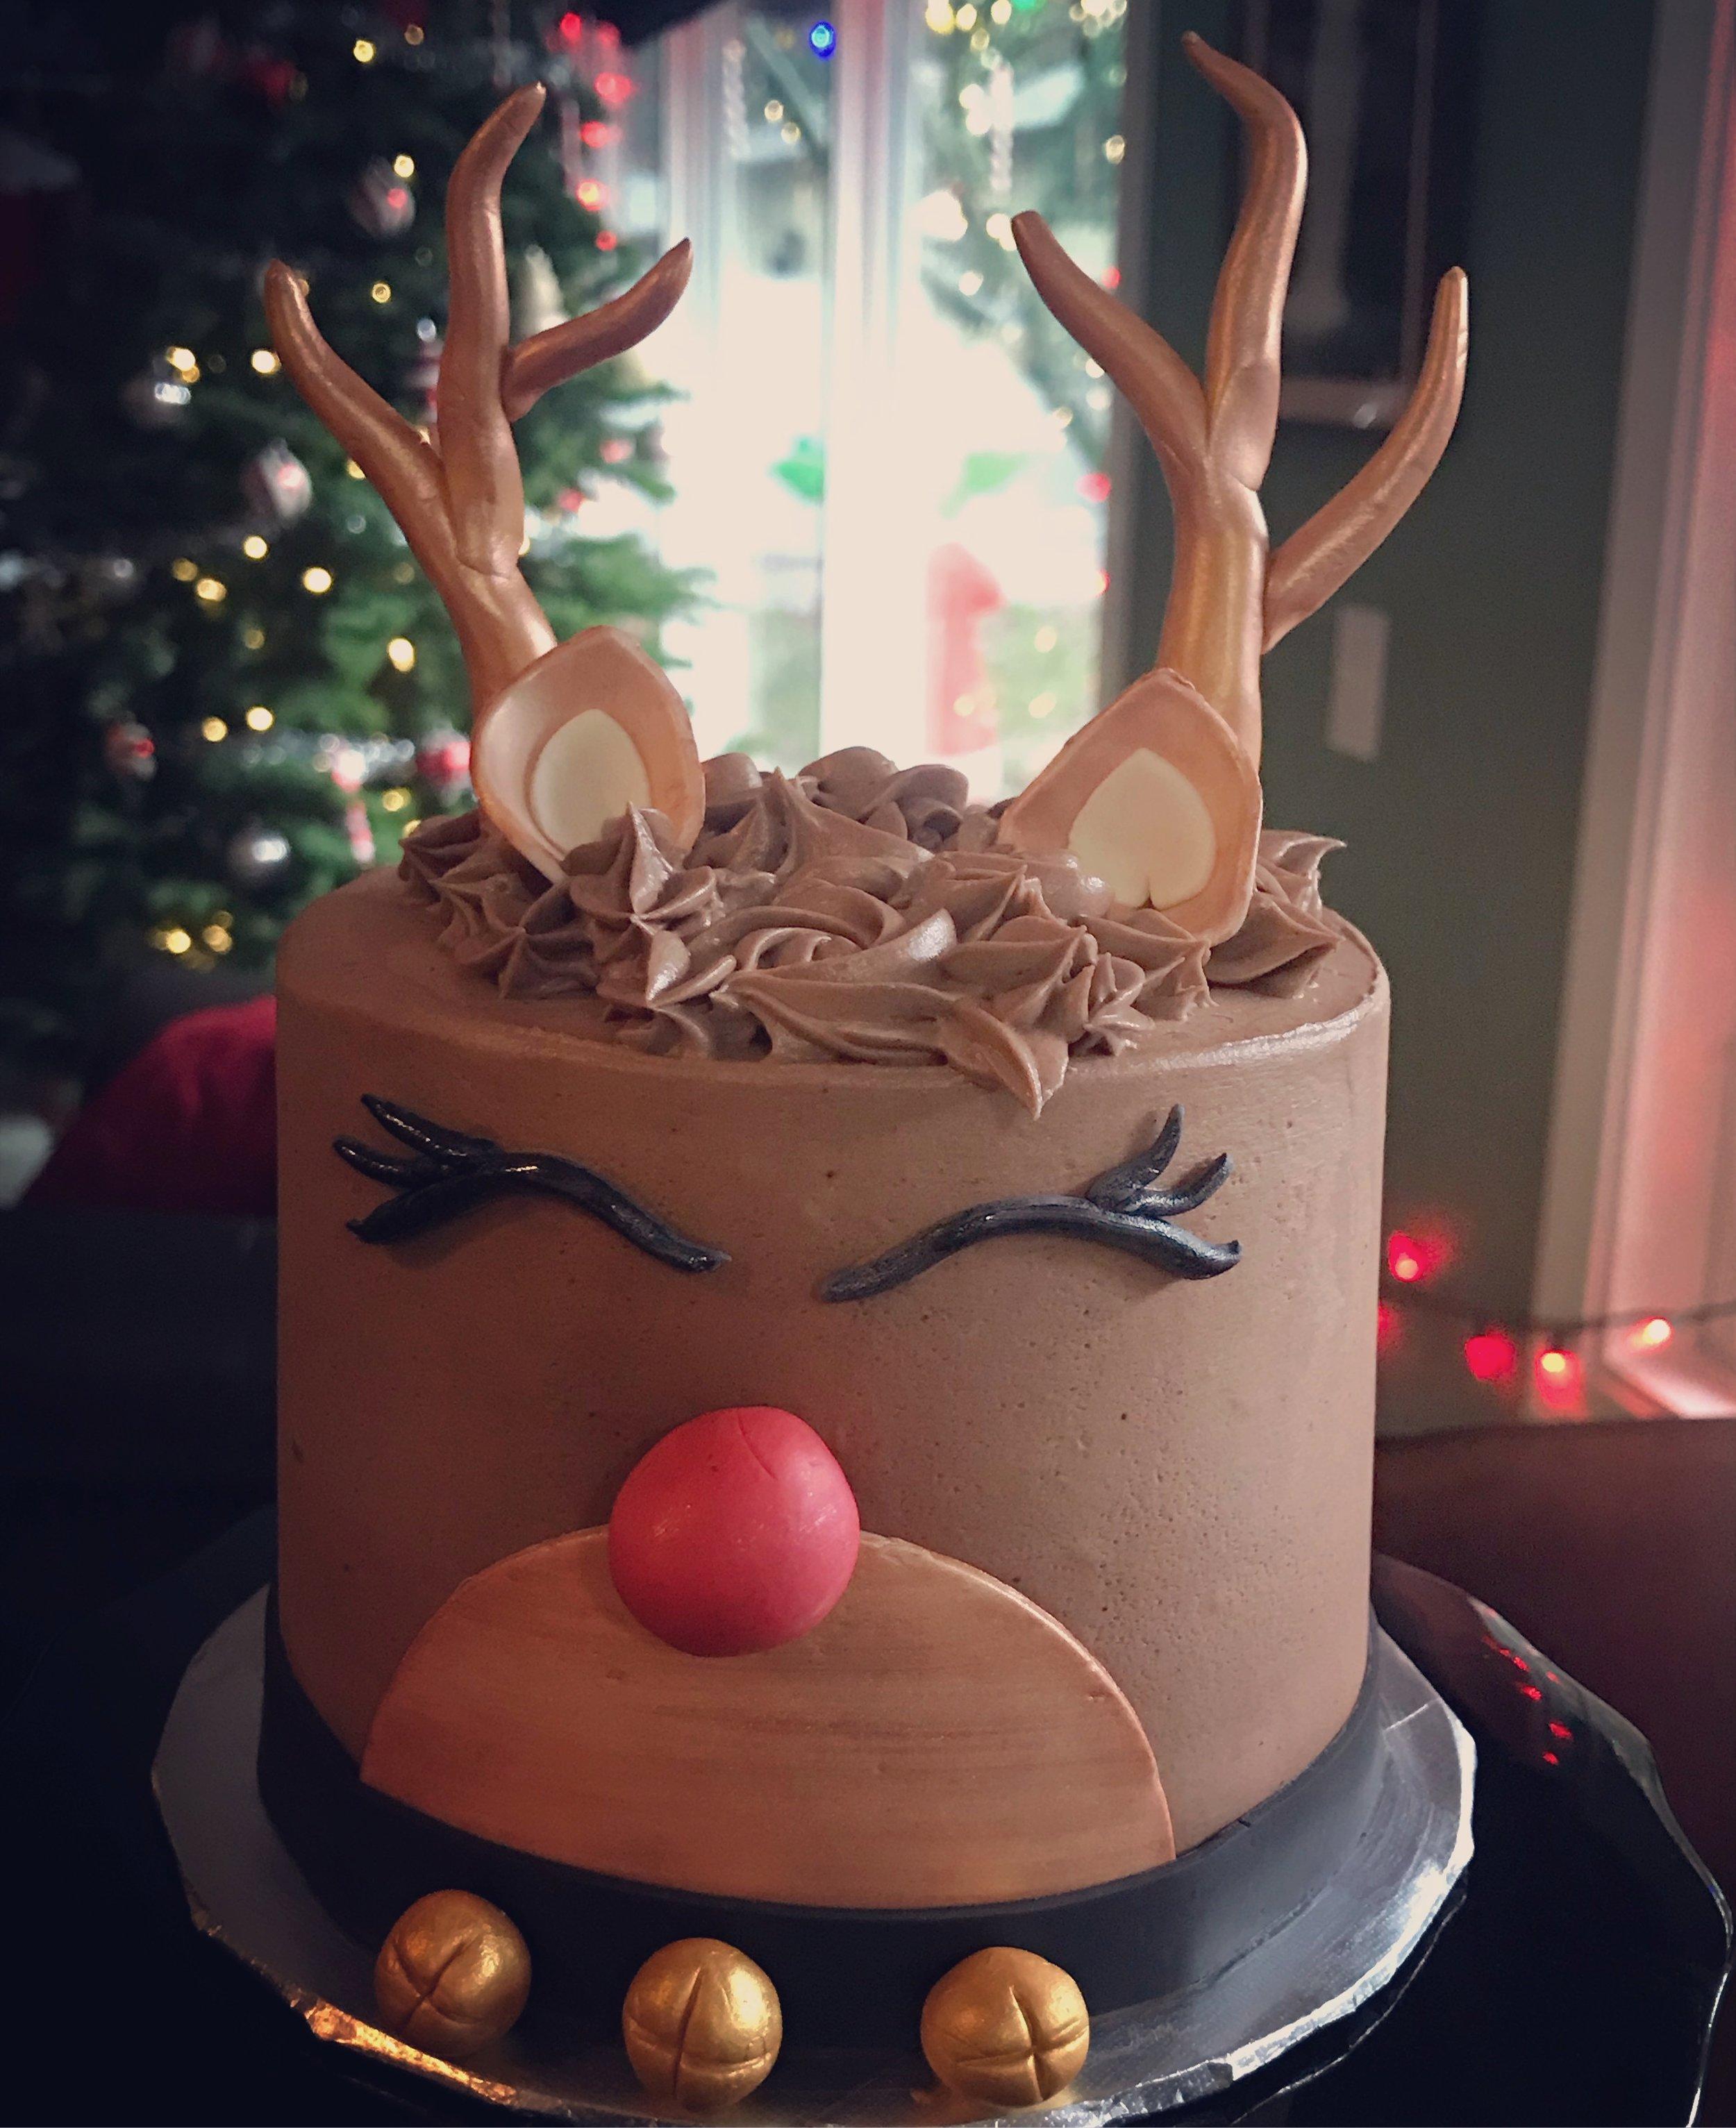 Ruldolf Cake ($50):